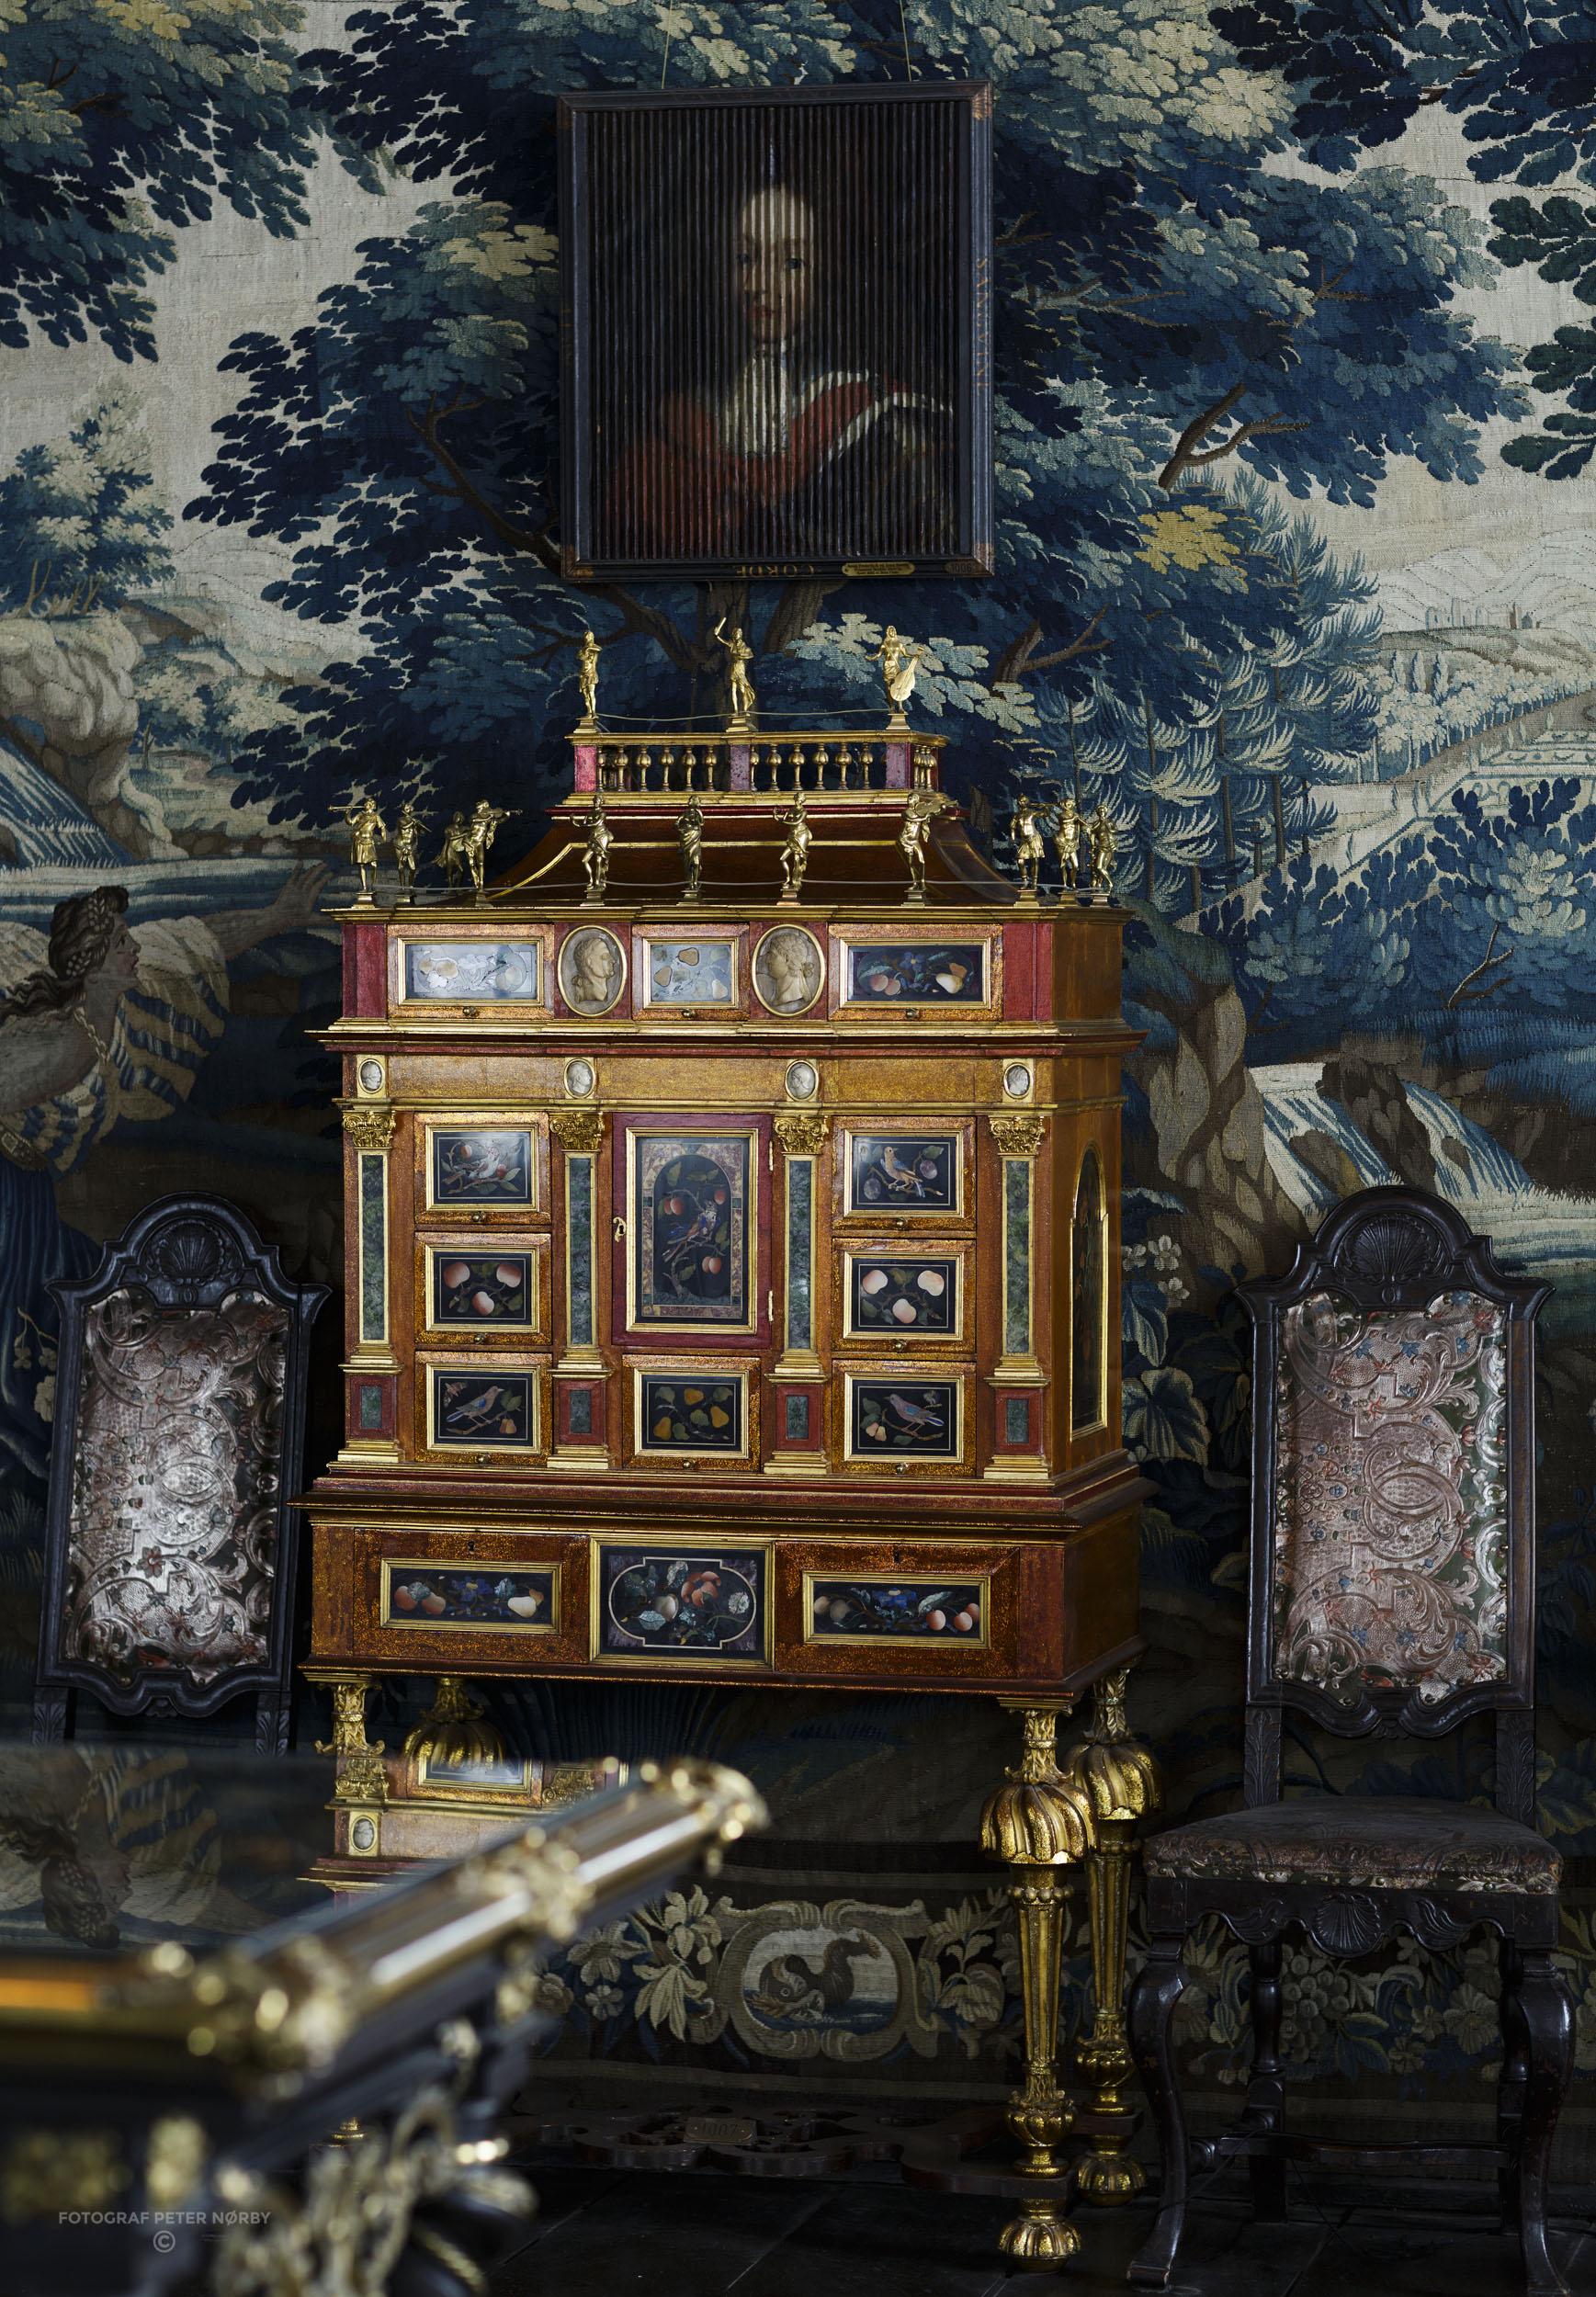 Rosenborg_Room10_03.jpg